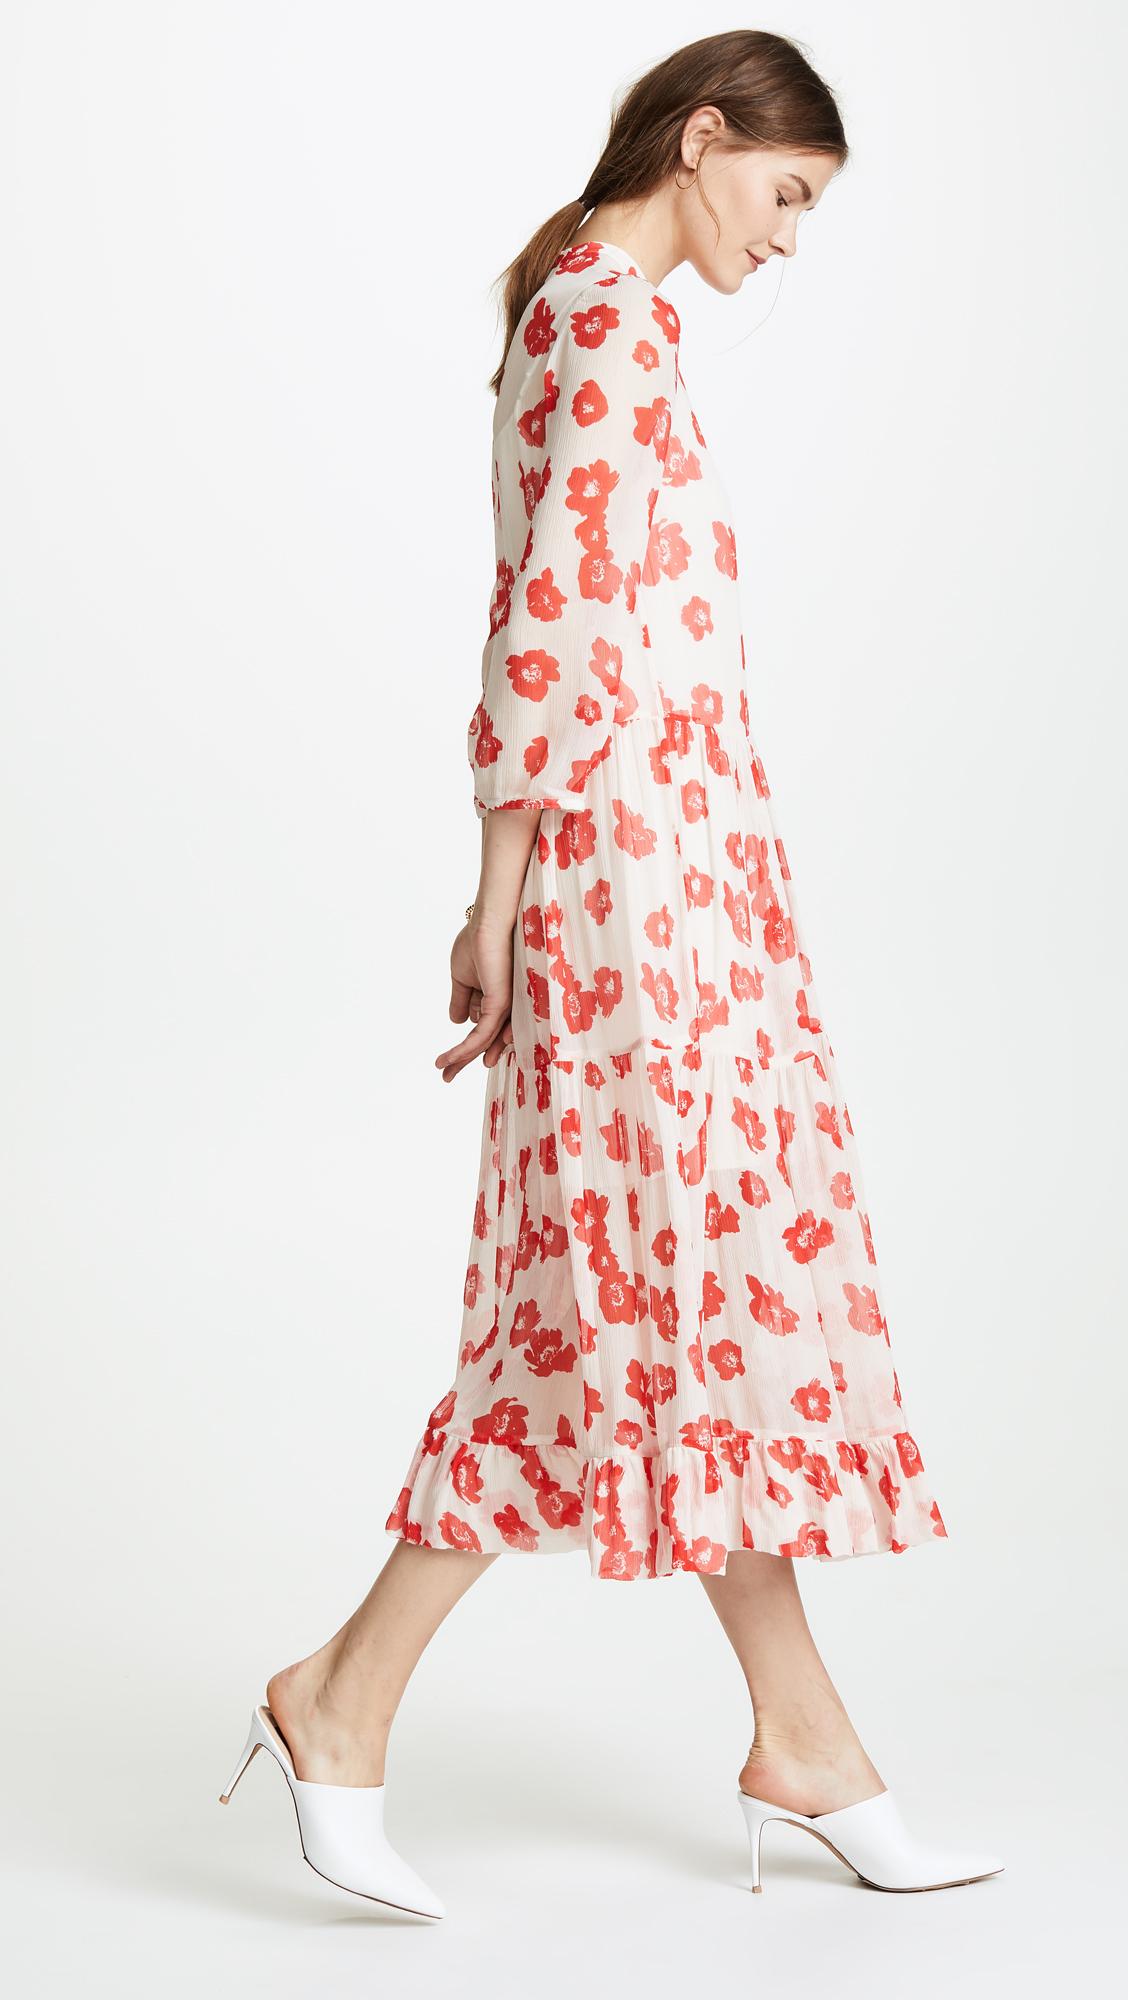 25 Use Und Up Shopbop Pferdgarten Save Alexandrina Dress Baum To On8x8w